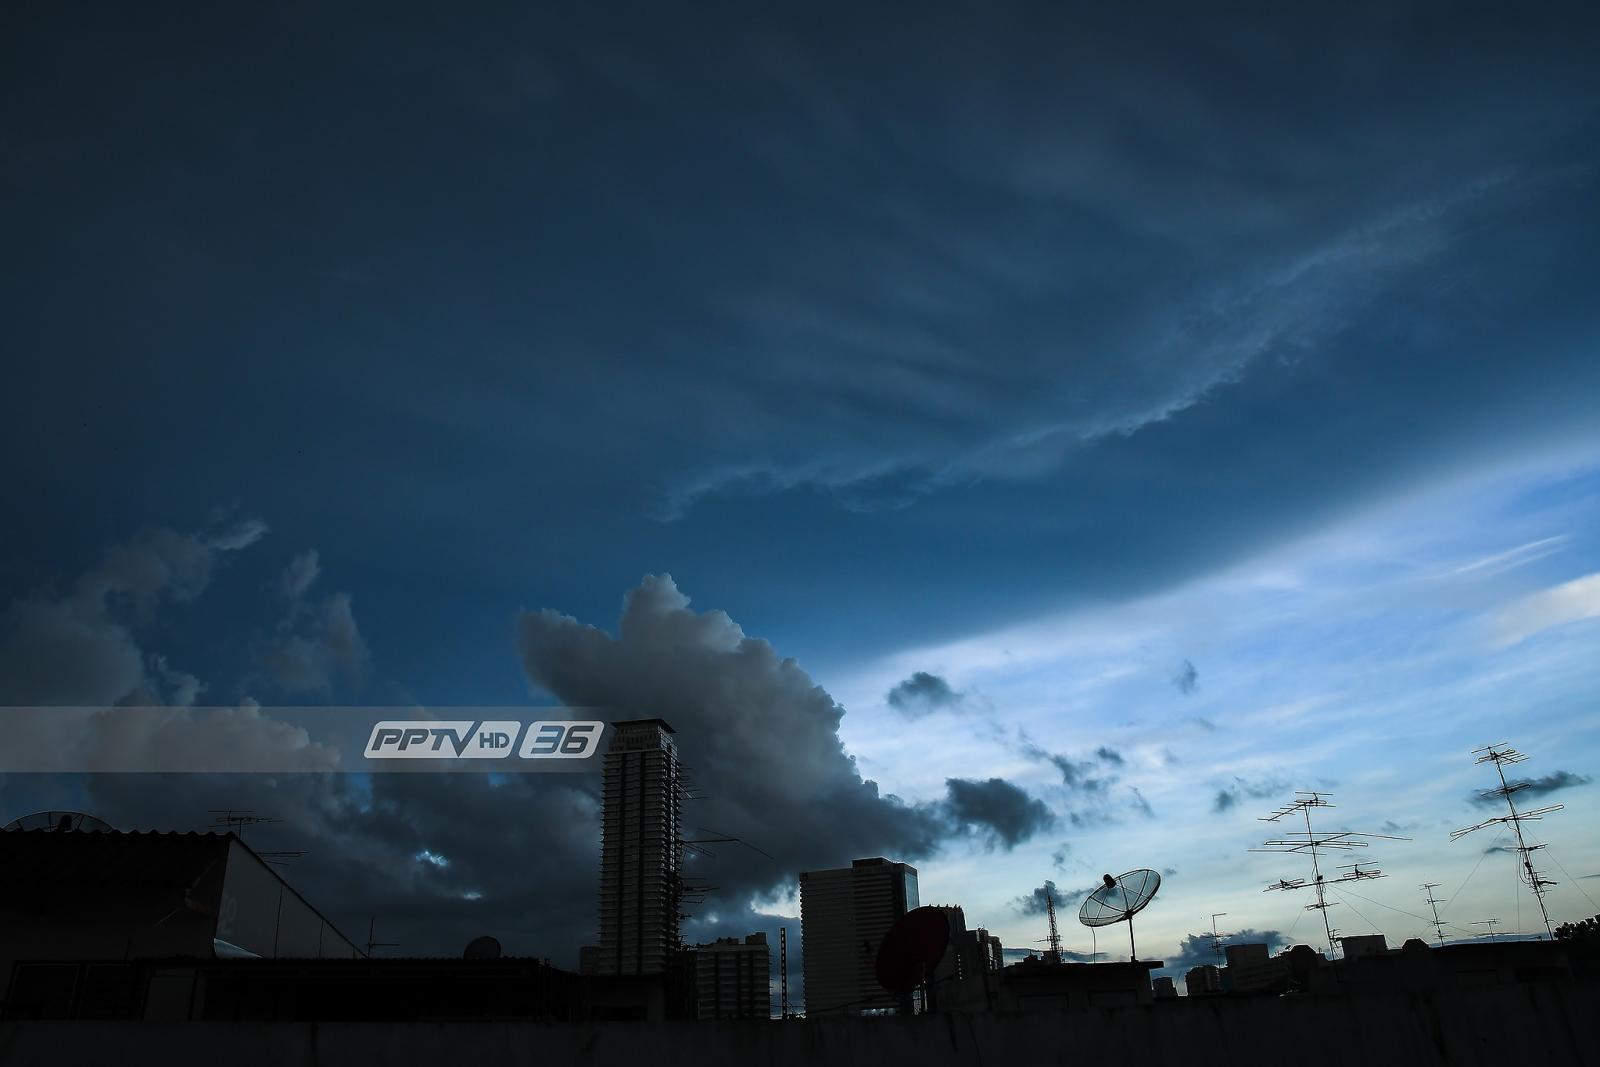 """อุตุฯ เผย """"เหนือ-กลาง-อีสาน""""ฝนน้อยลง กทม.มีเมฆมาก"""